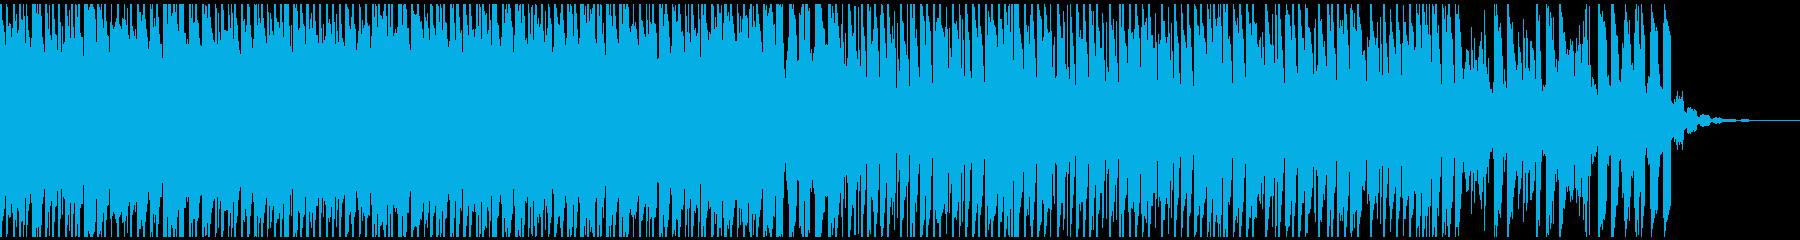 フィットネスモチベーション(60秒)の再生済みの波形